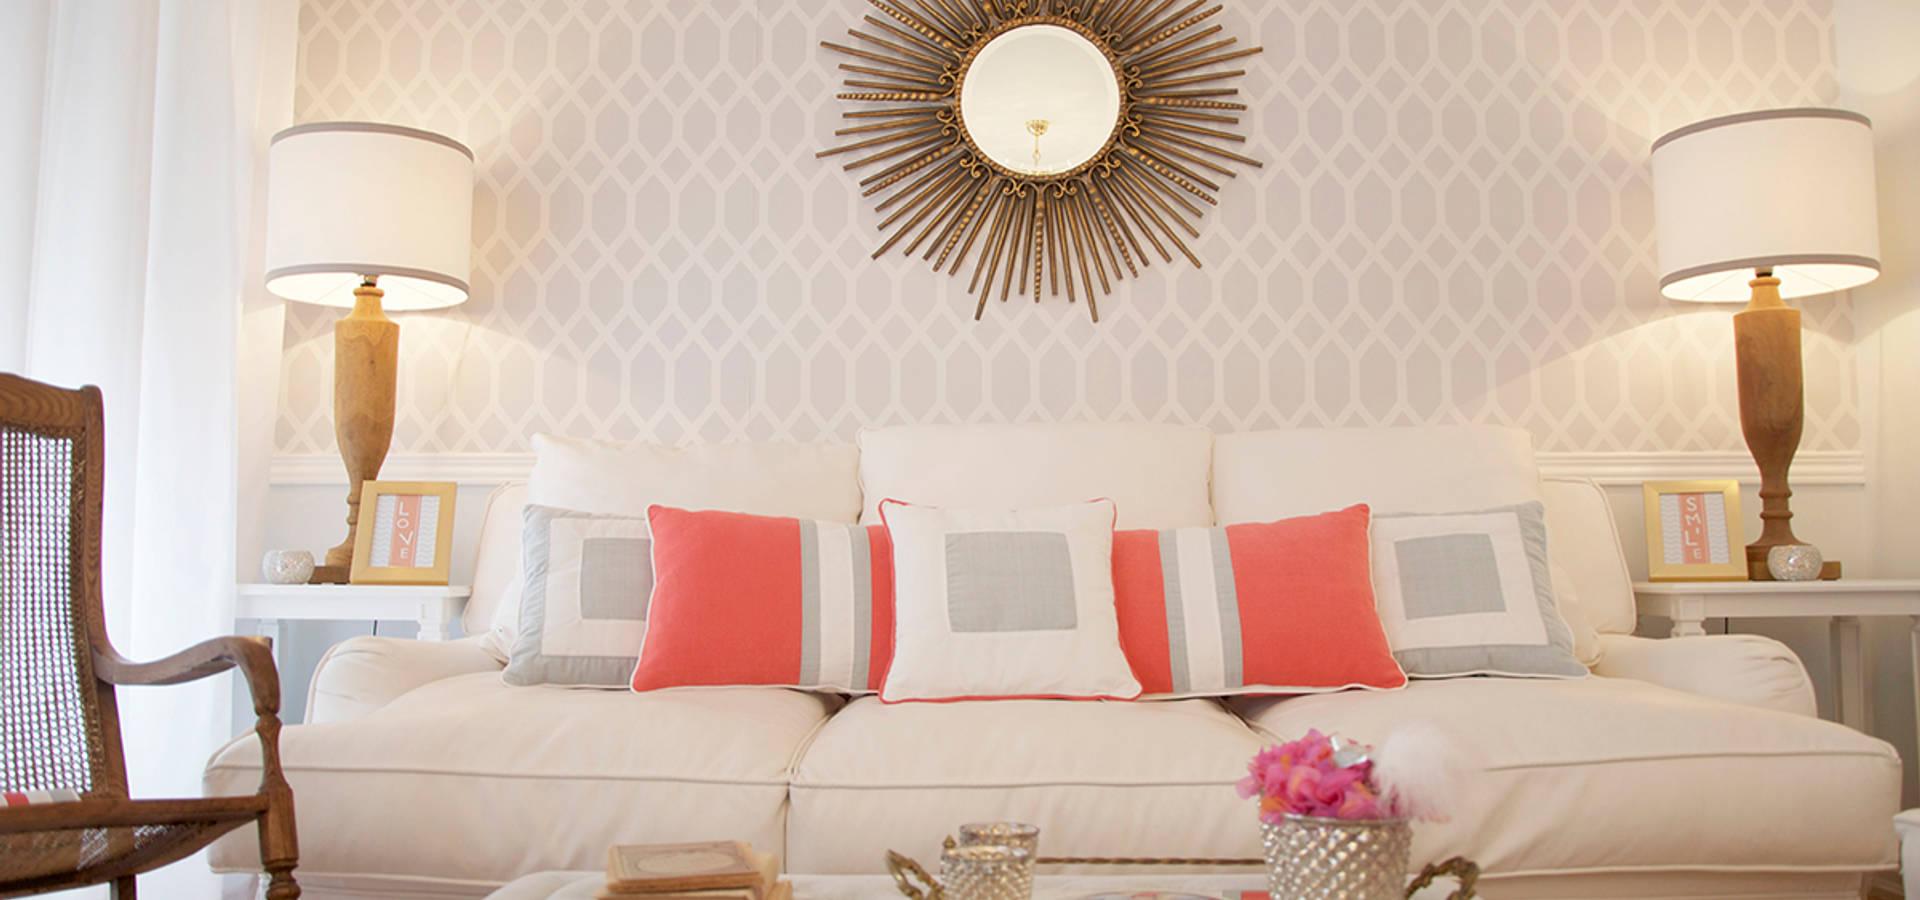 Apartamento amoreiras lisboa by catarina batista for Arquitectura interior